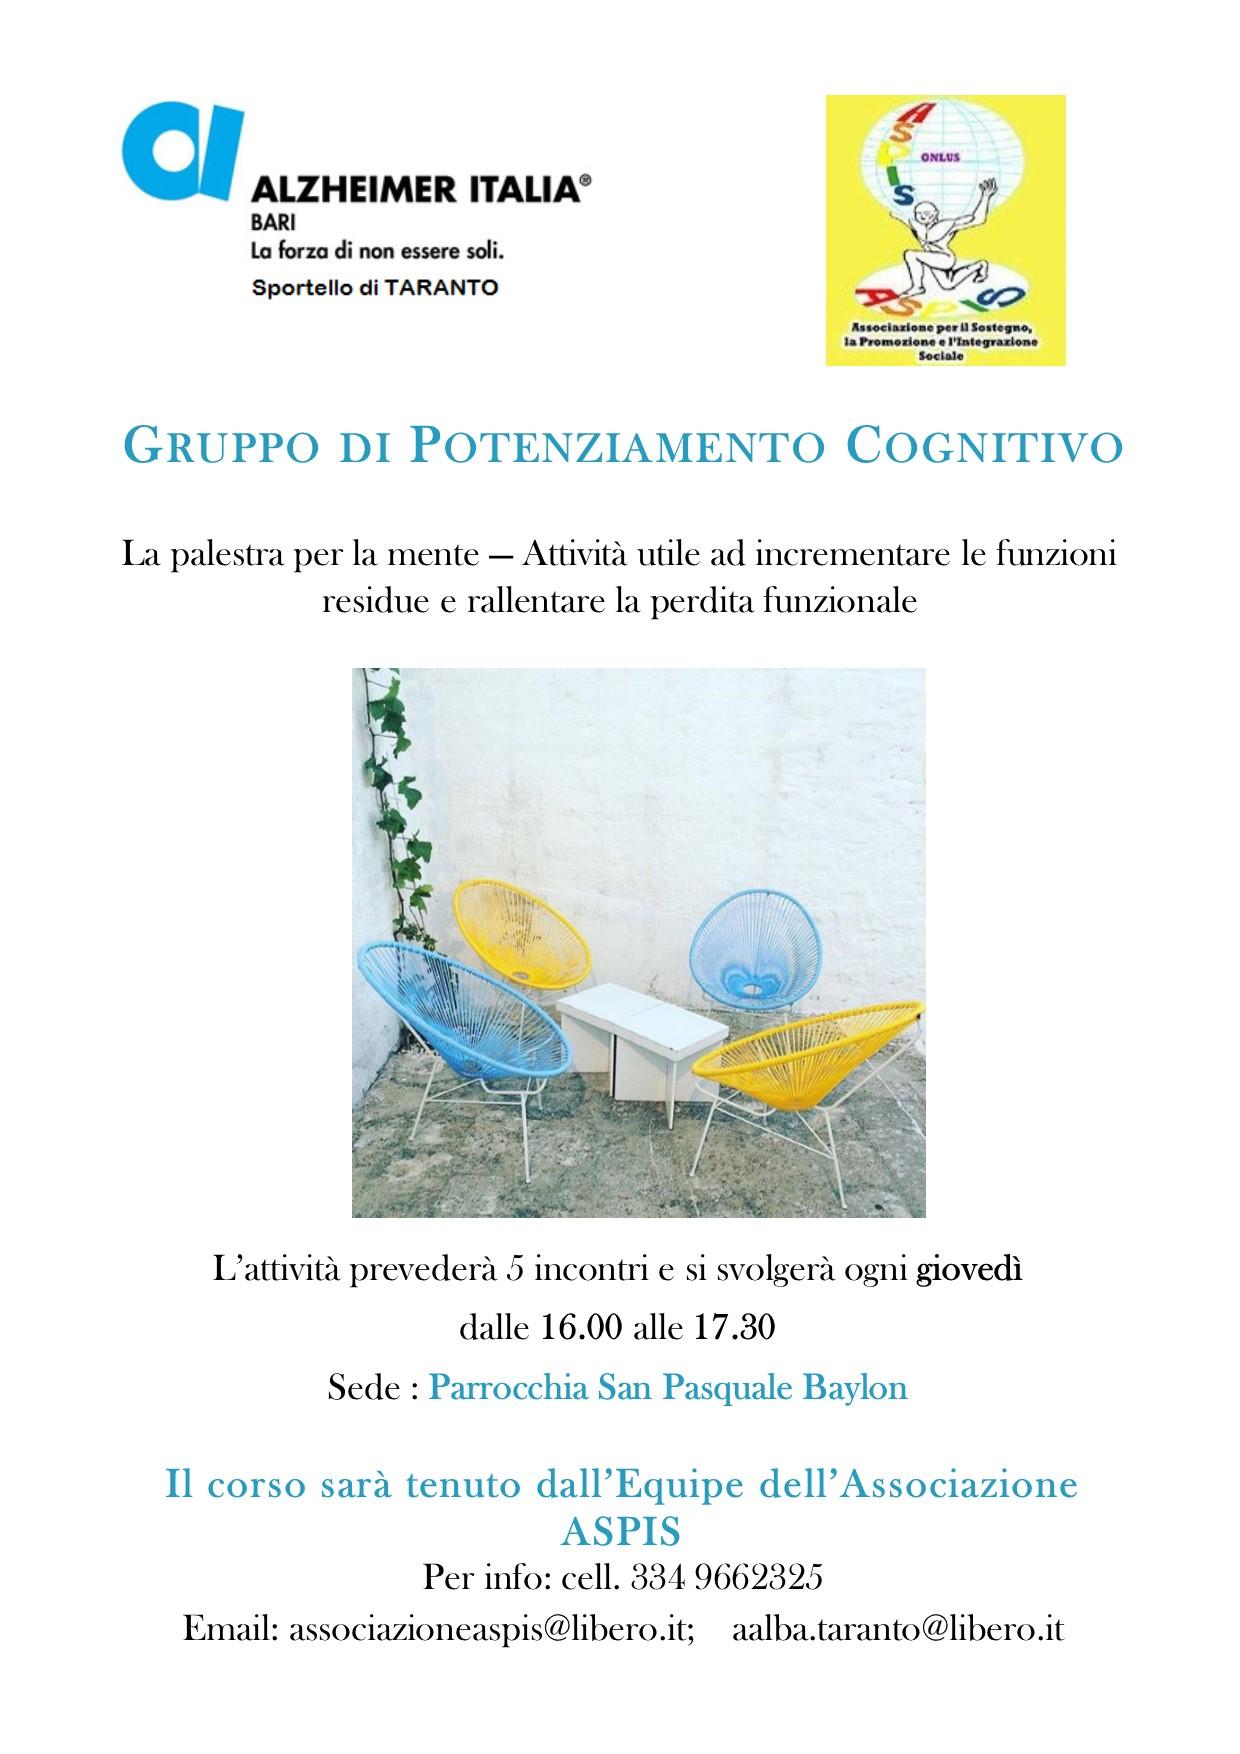 locandina-potenziamento-cognitivo-aspis-taranto